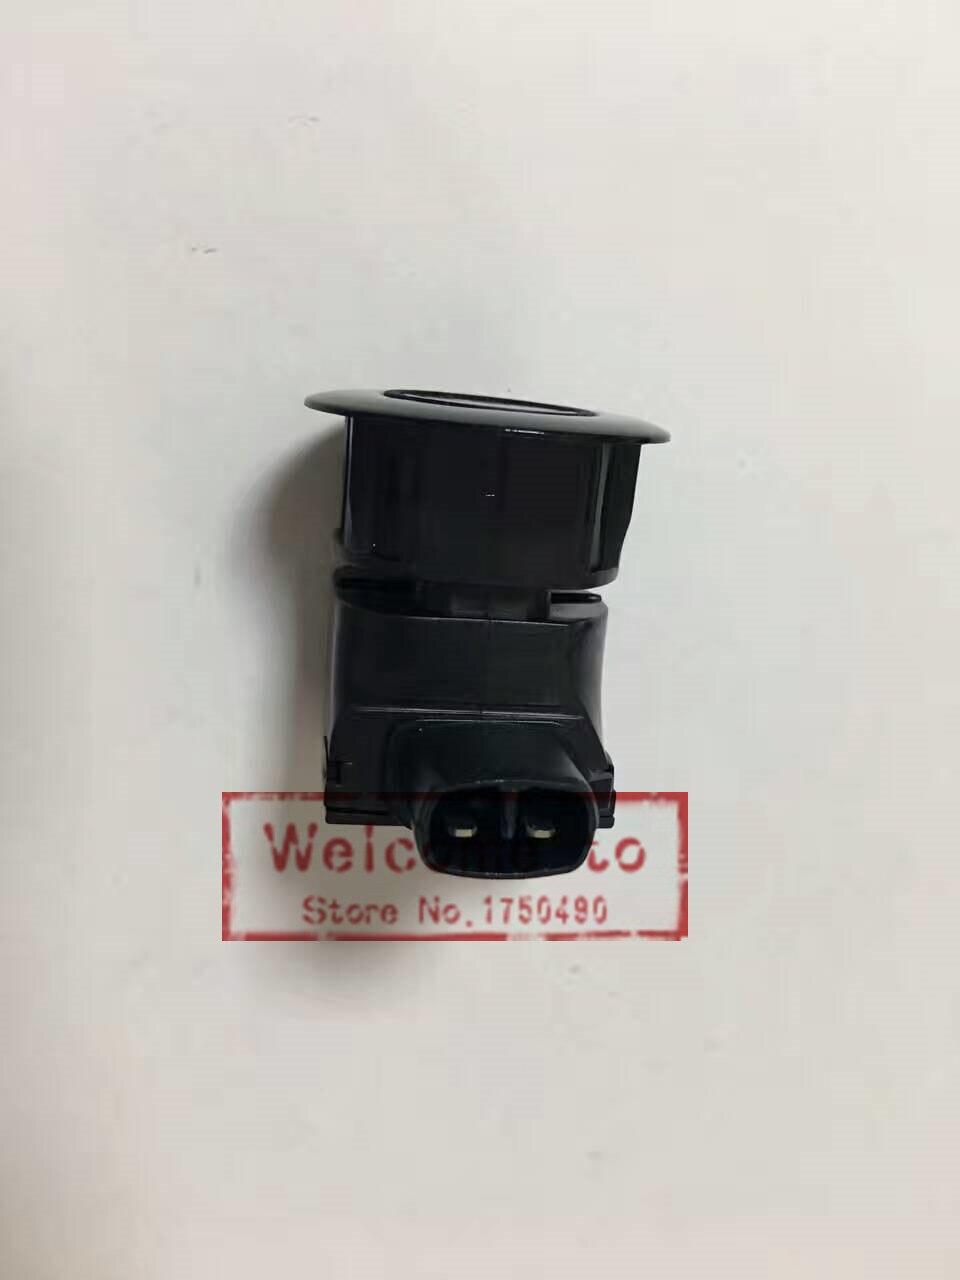 PDC датчик парковки ультразвуковой датчик для TOYOTA CROWN, MAJESTA LEXUS IS250/350 GS30/35/43/460 GS450H 89341-30020-C0 89341-30020